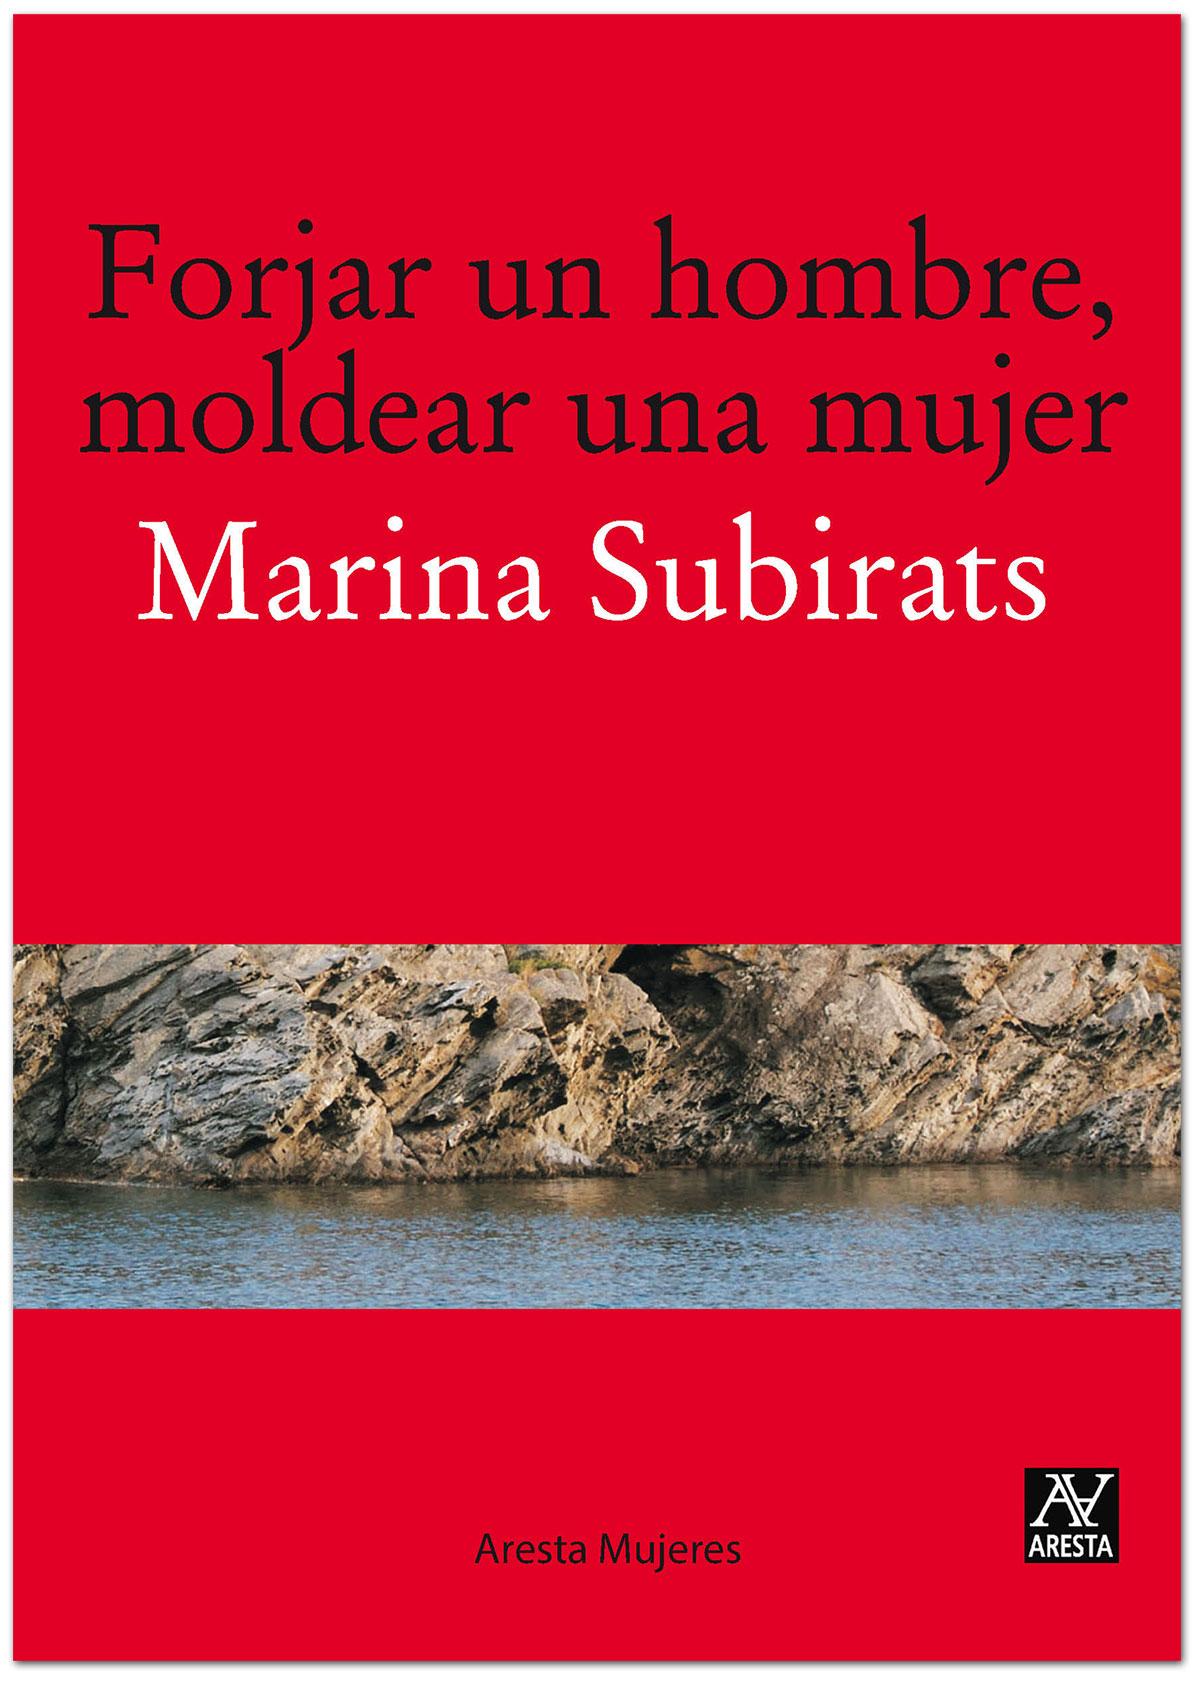 Forjar un hombre, moldear una mujer - Marina Subirats